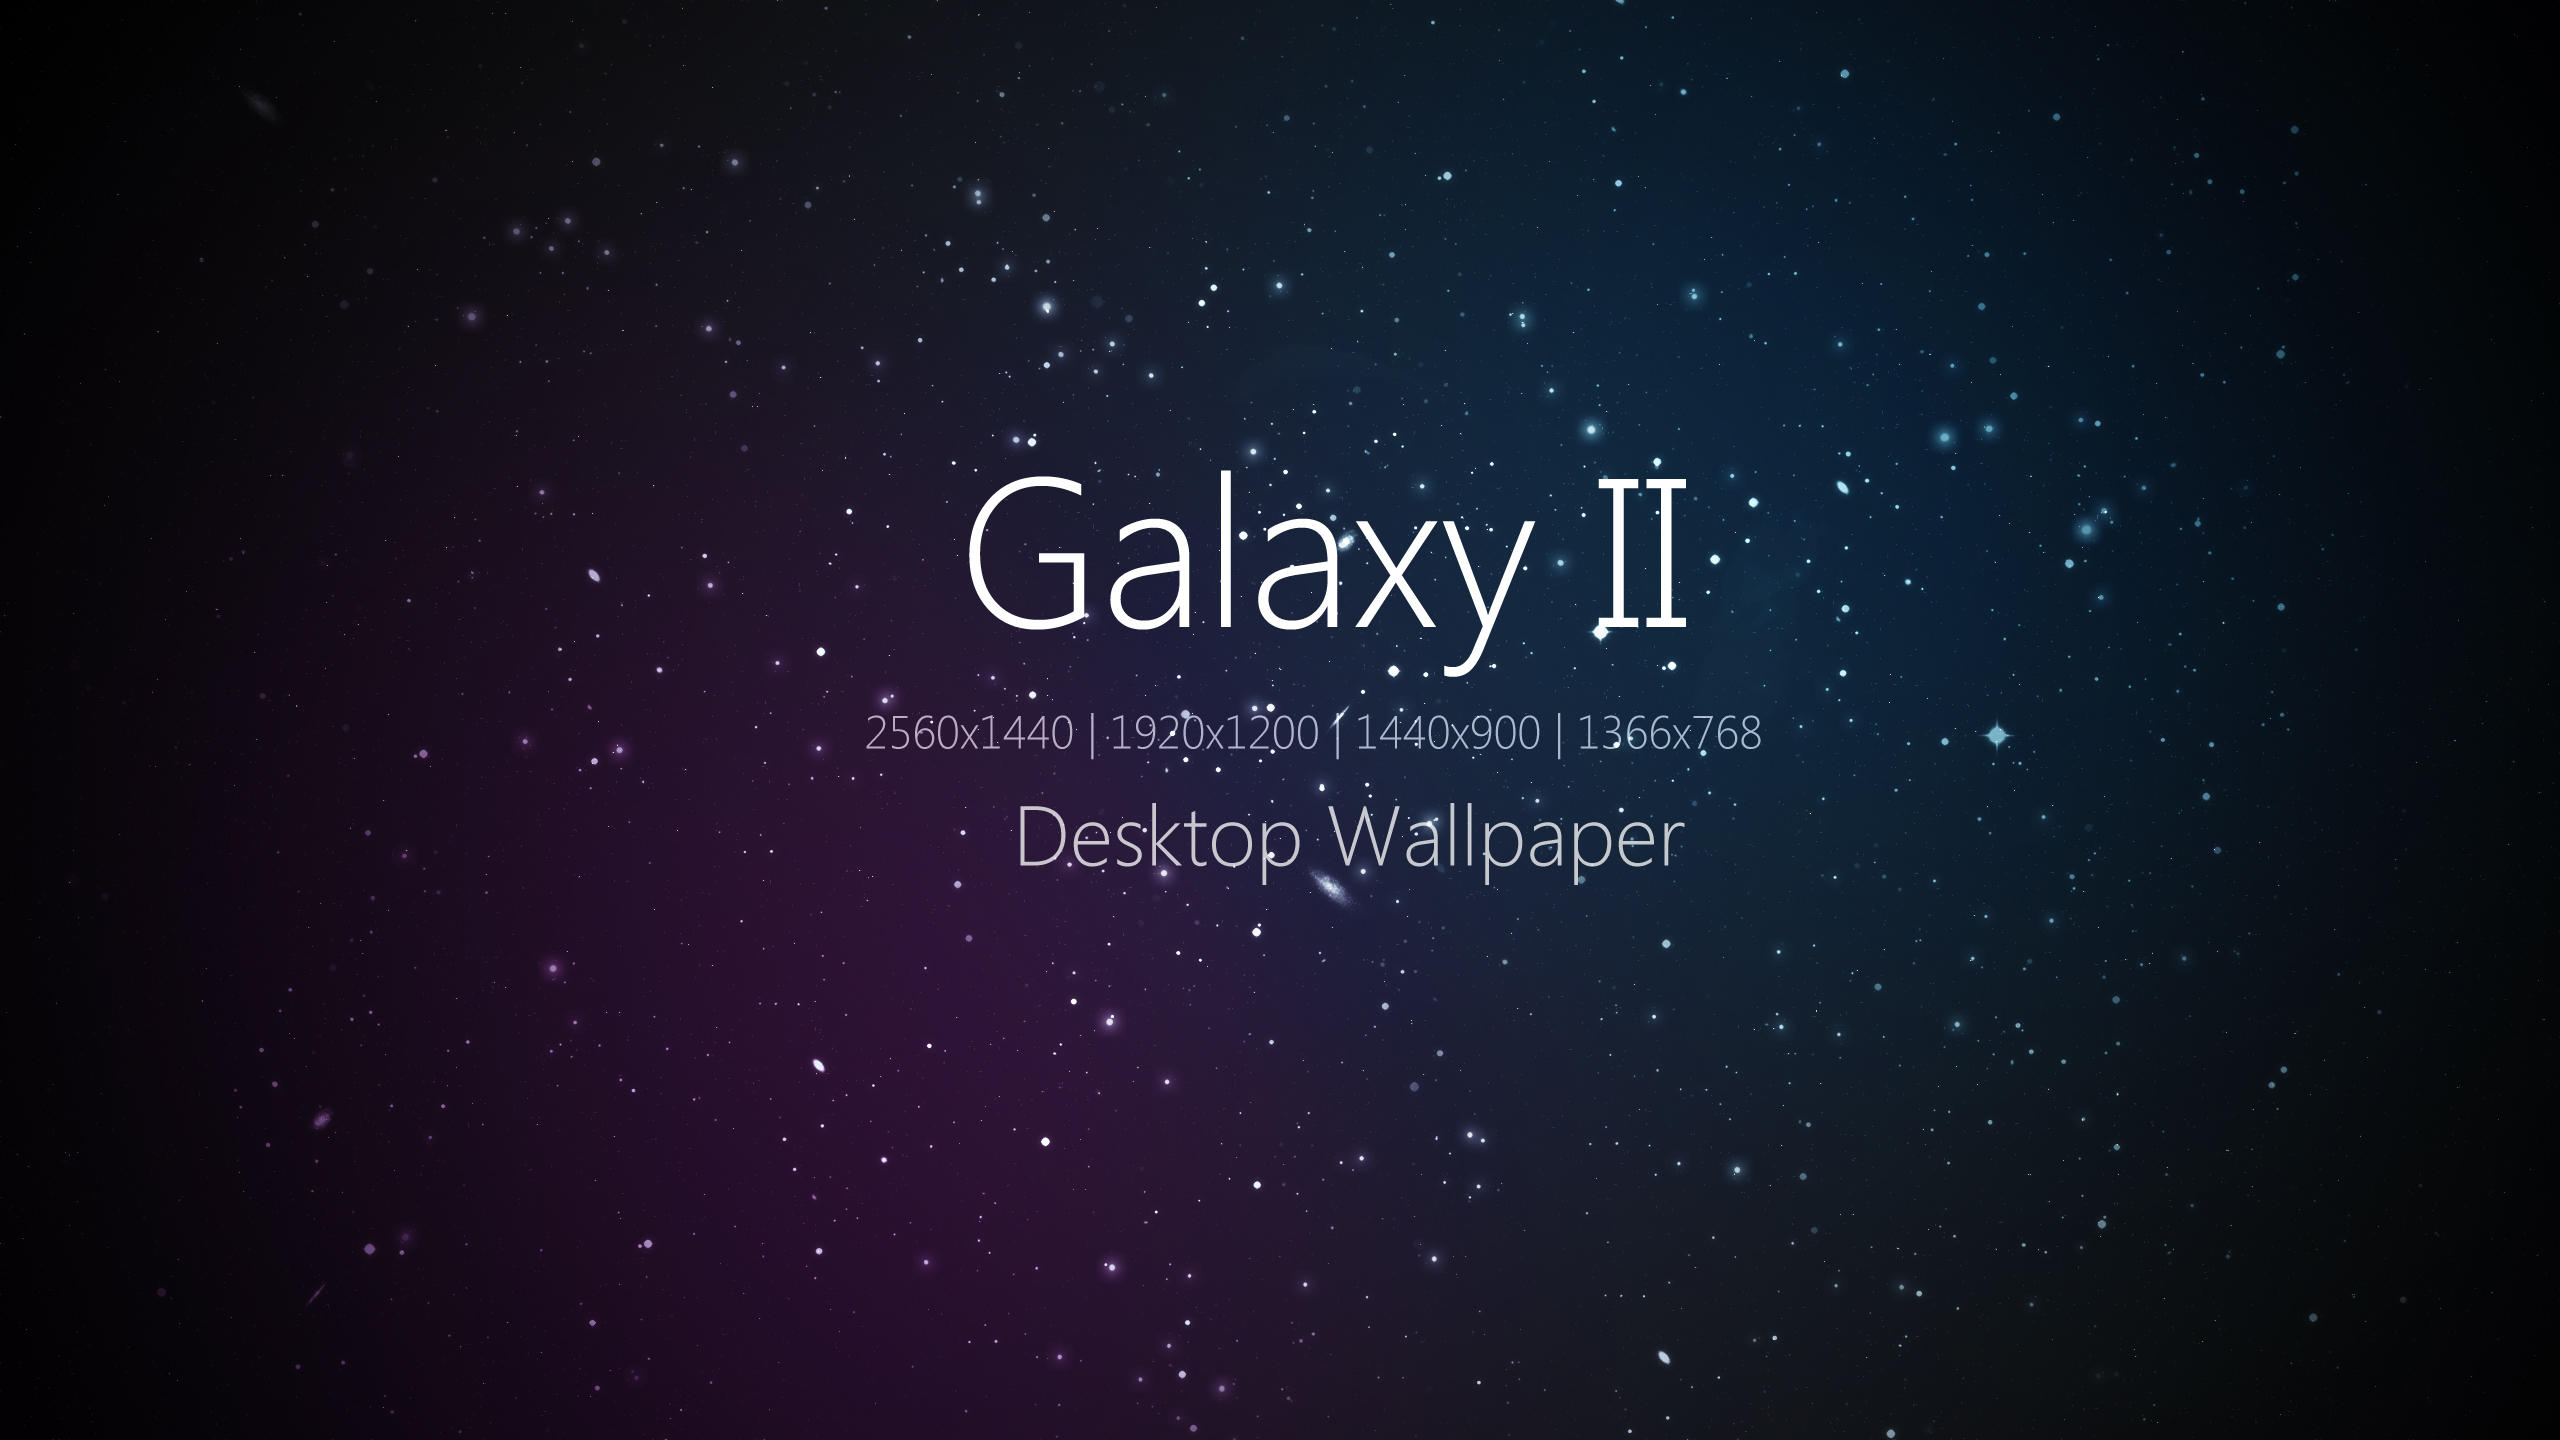 galaxy ii desktop wallpaper by martz90 galaxy ii desktop wallpaper by martz90